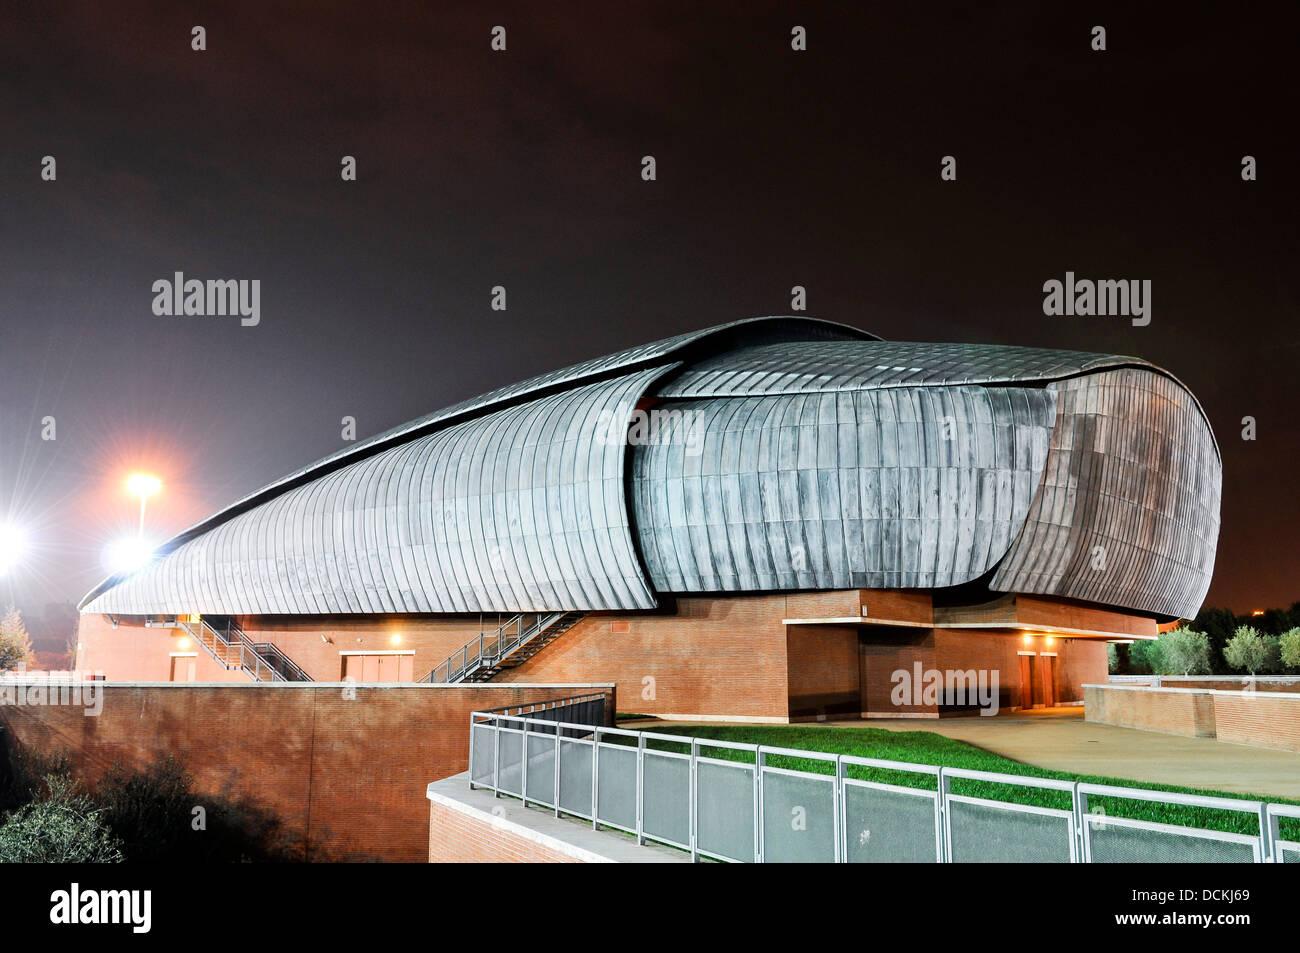 Parco Della Musica, Rome, Italy. Architect: Renzo Piano, 2002. Stock Photo